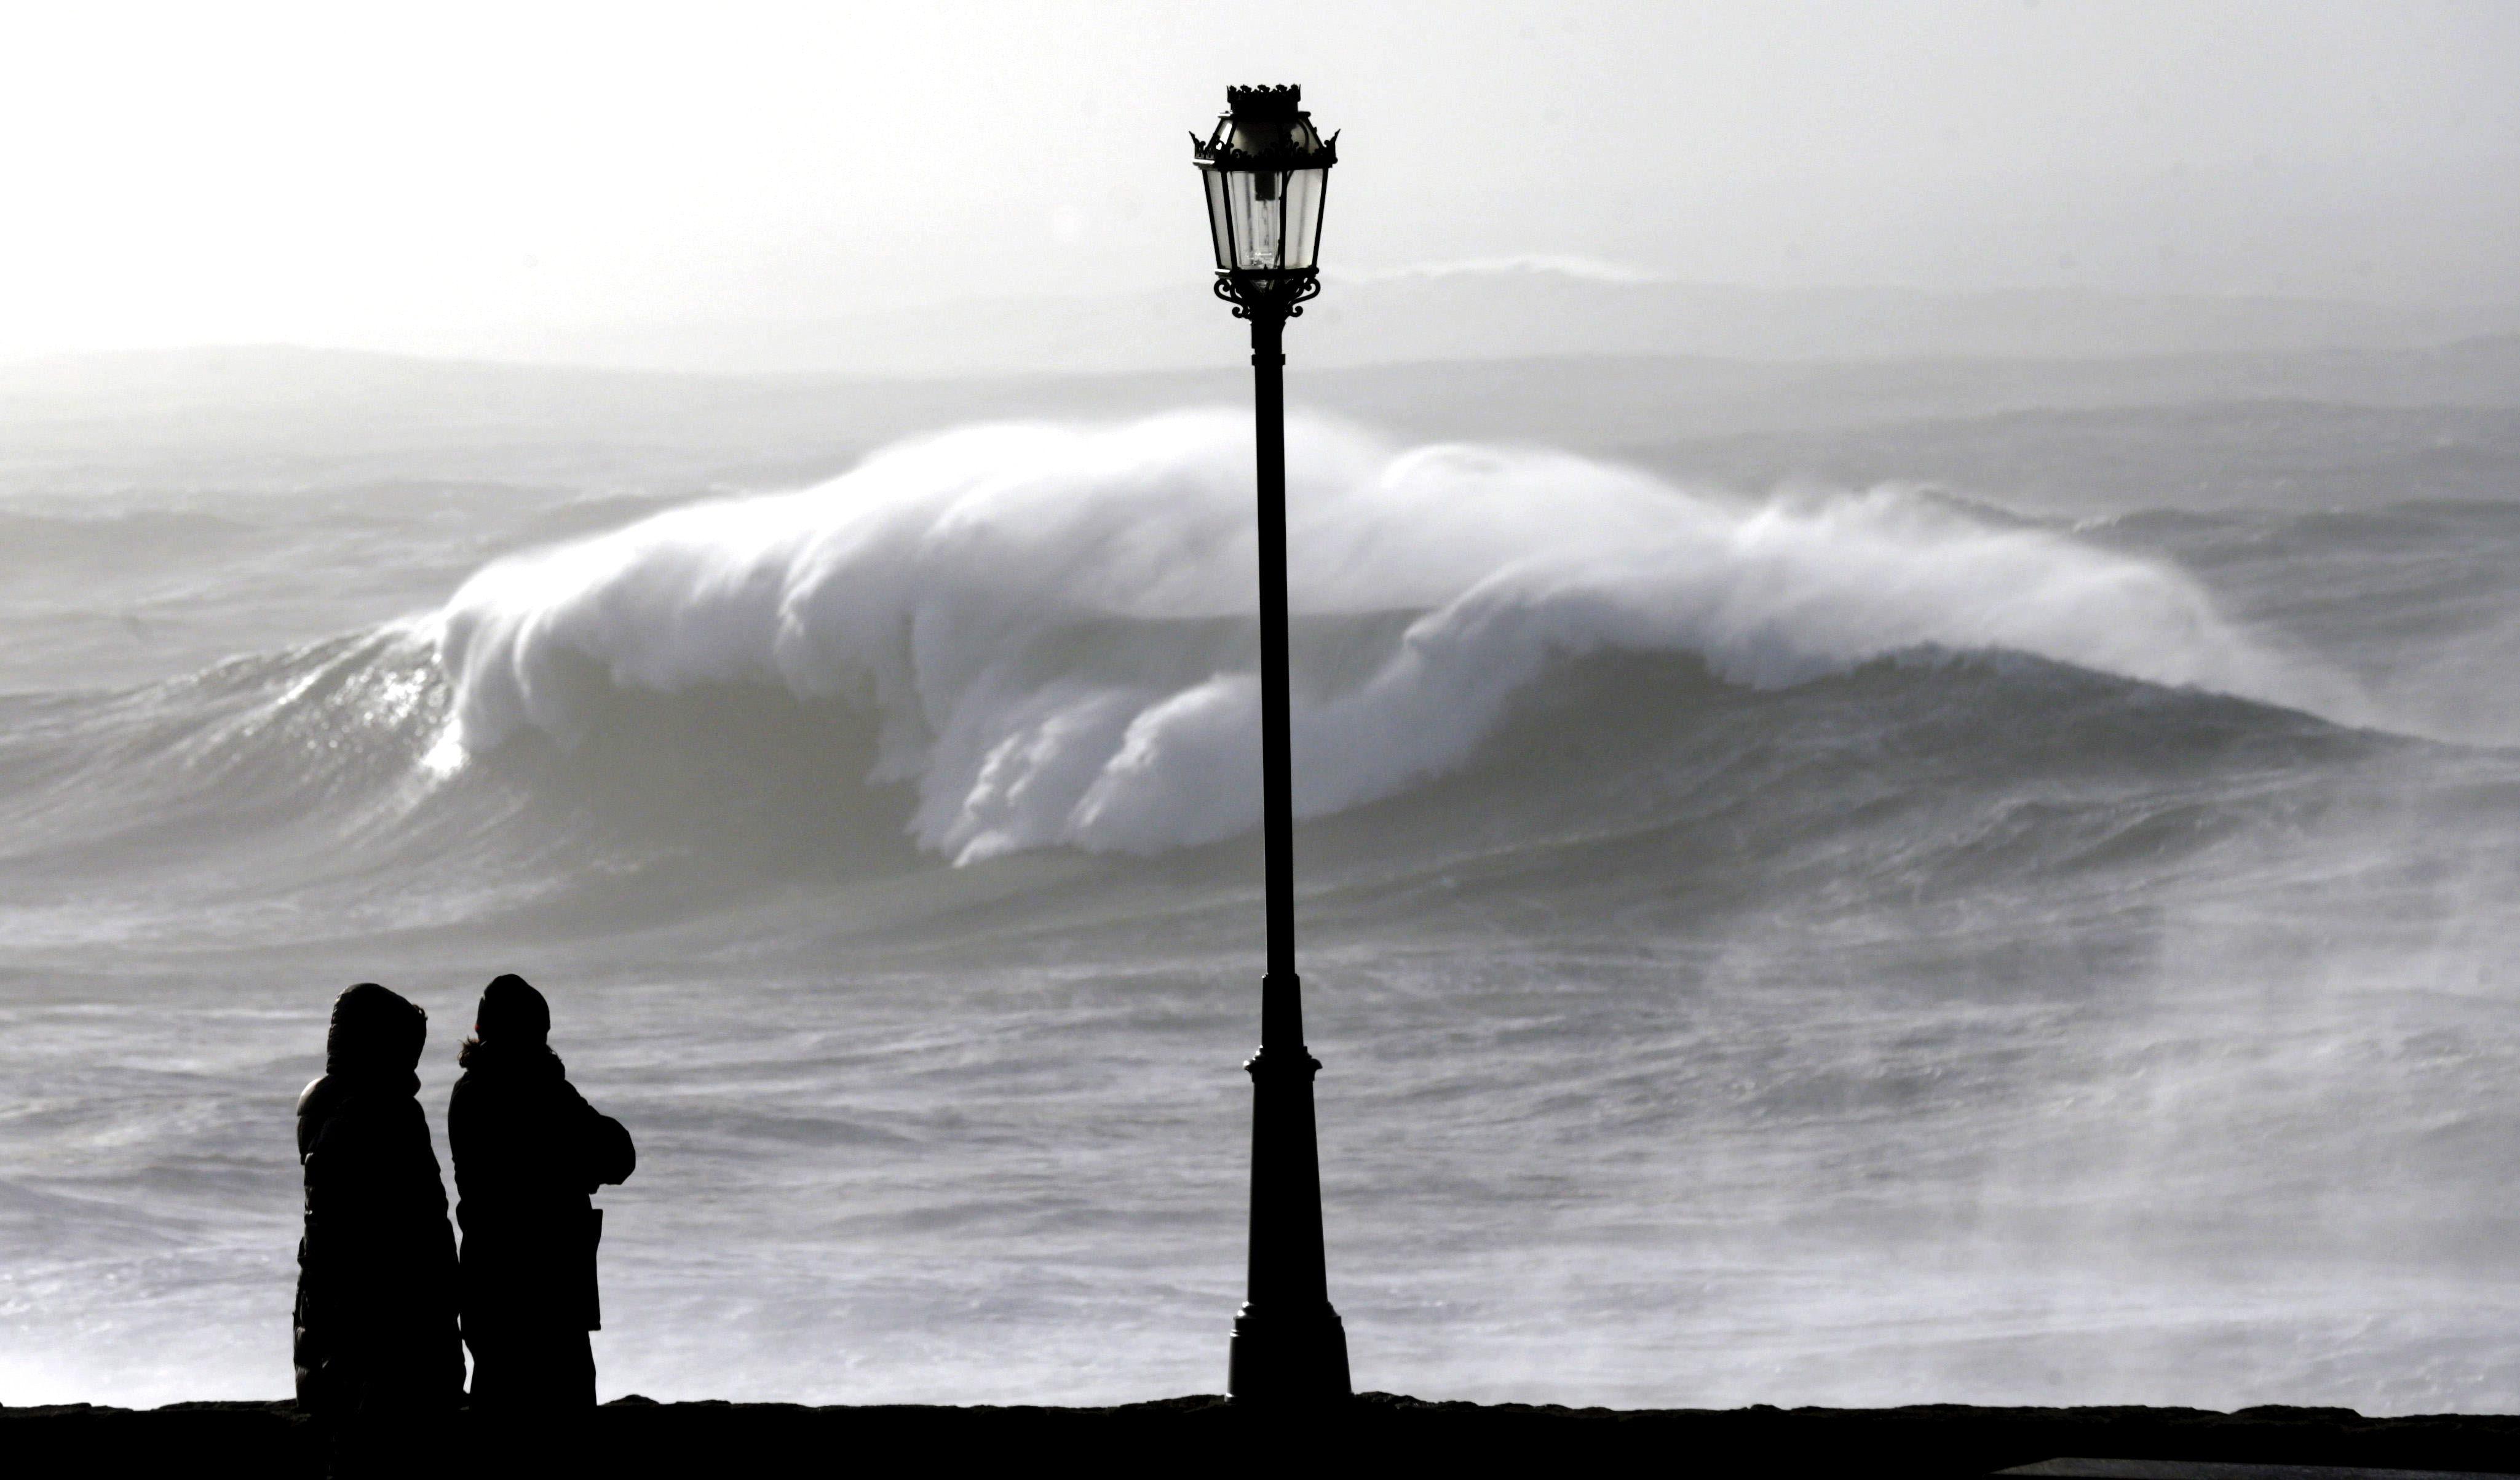 La ola más grande jamás registrada en España